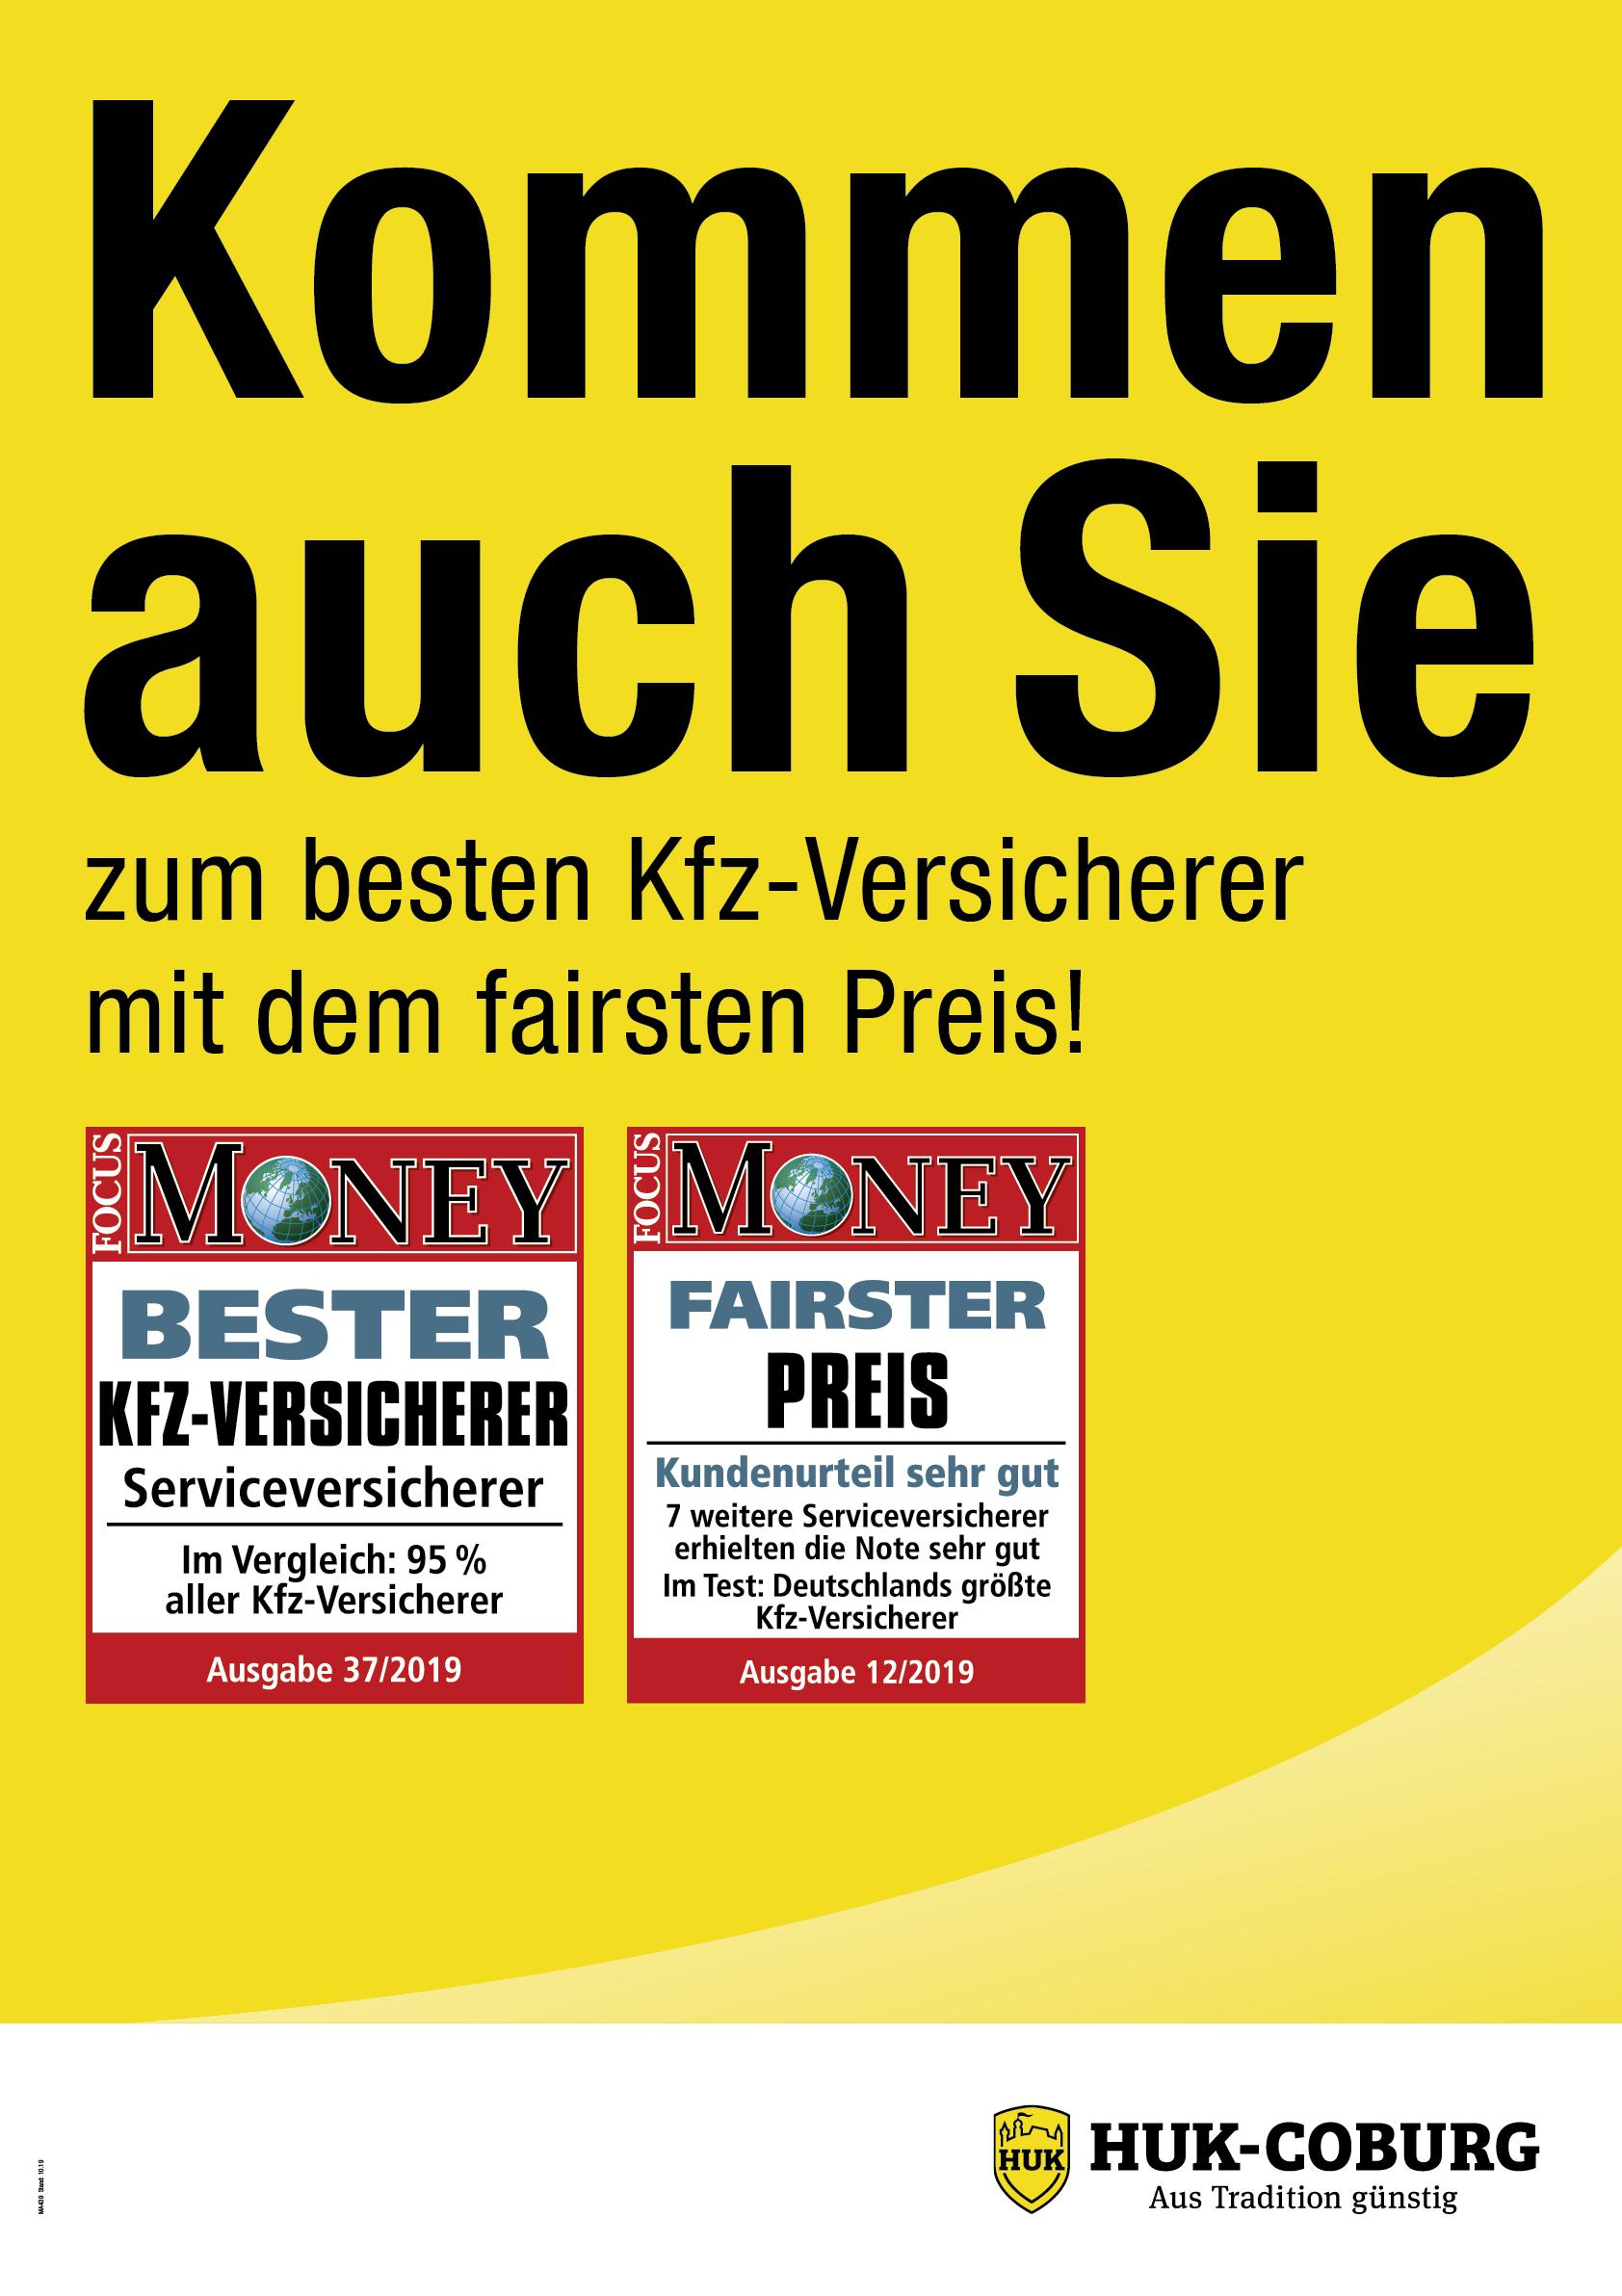 HUK-COBURG Versicherung Helga Kreutz in Dietzenbach